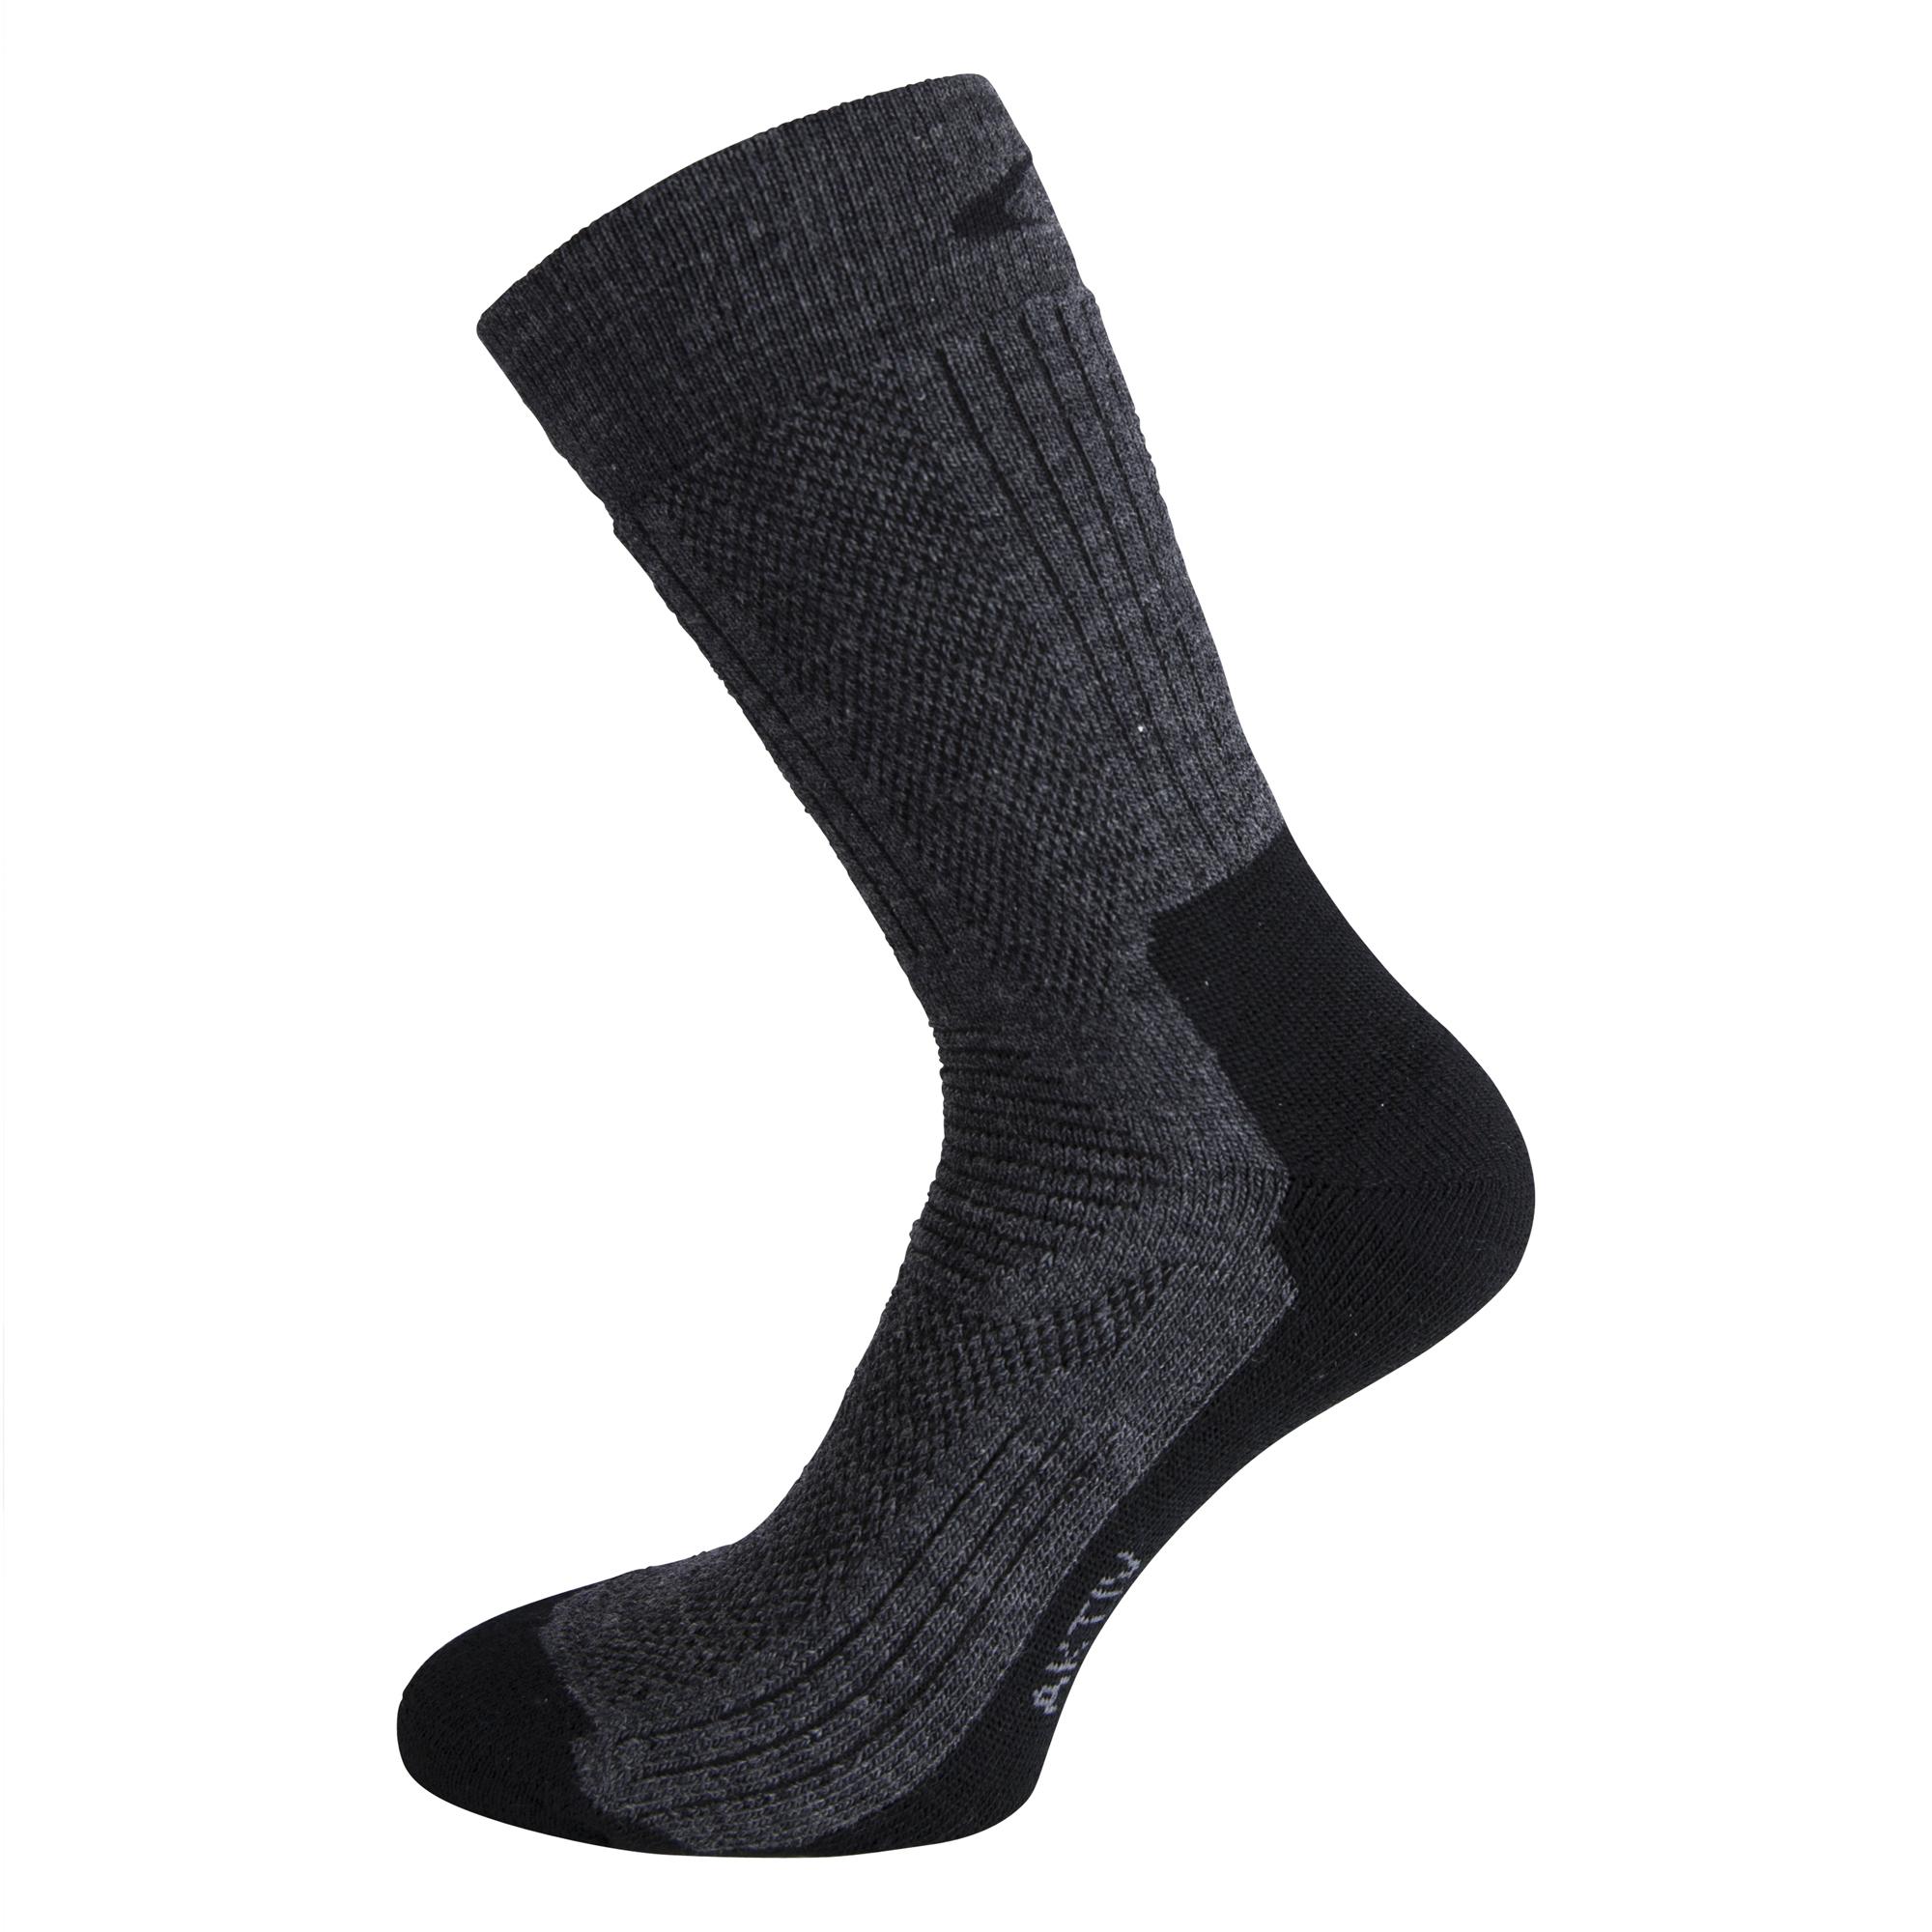 Ulvang Aktiv - Mediumtyk uldsok - Koksgrå | Socks